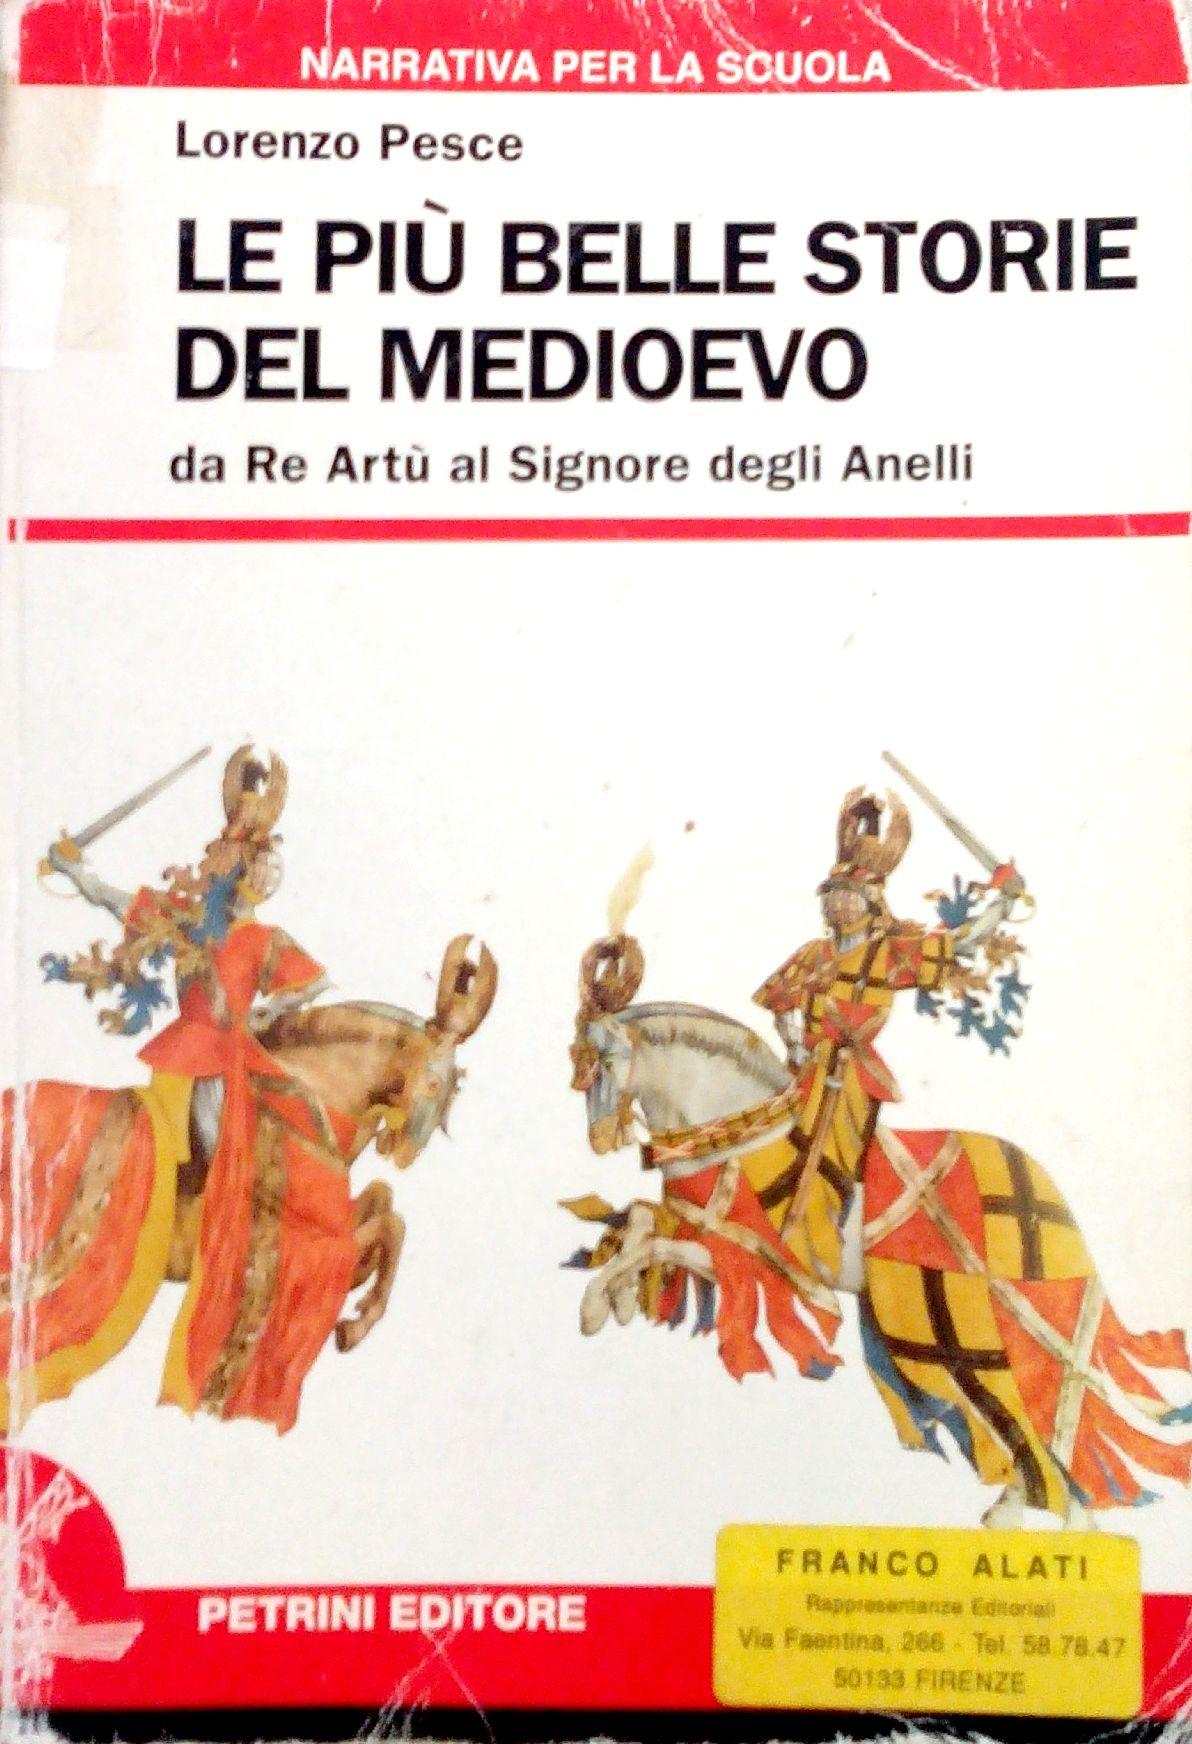 Le più belle storie del Medioevo